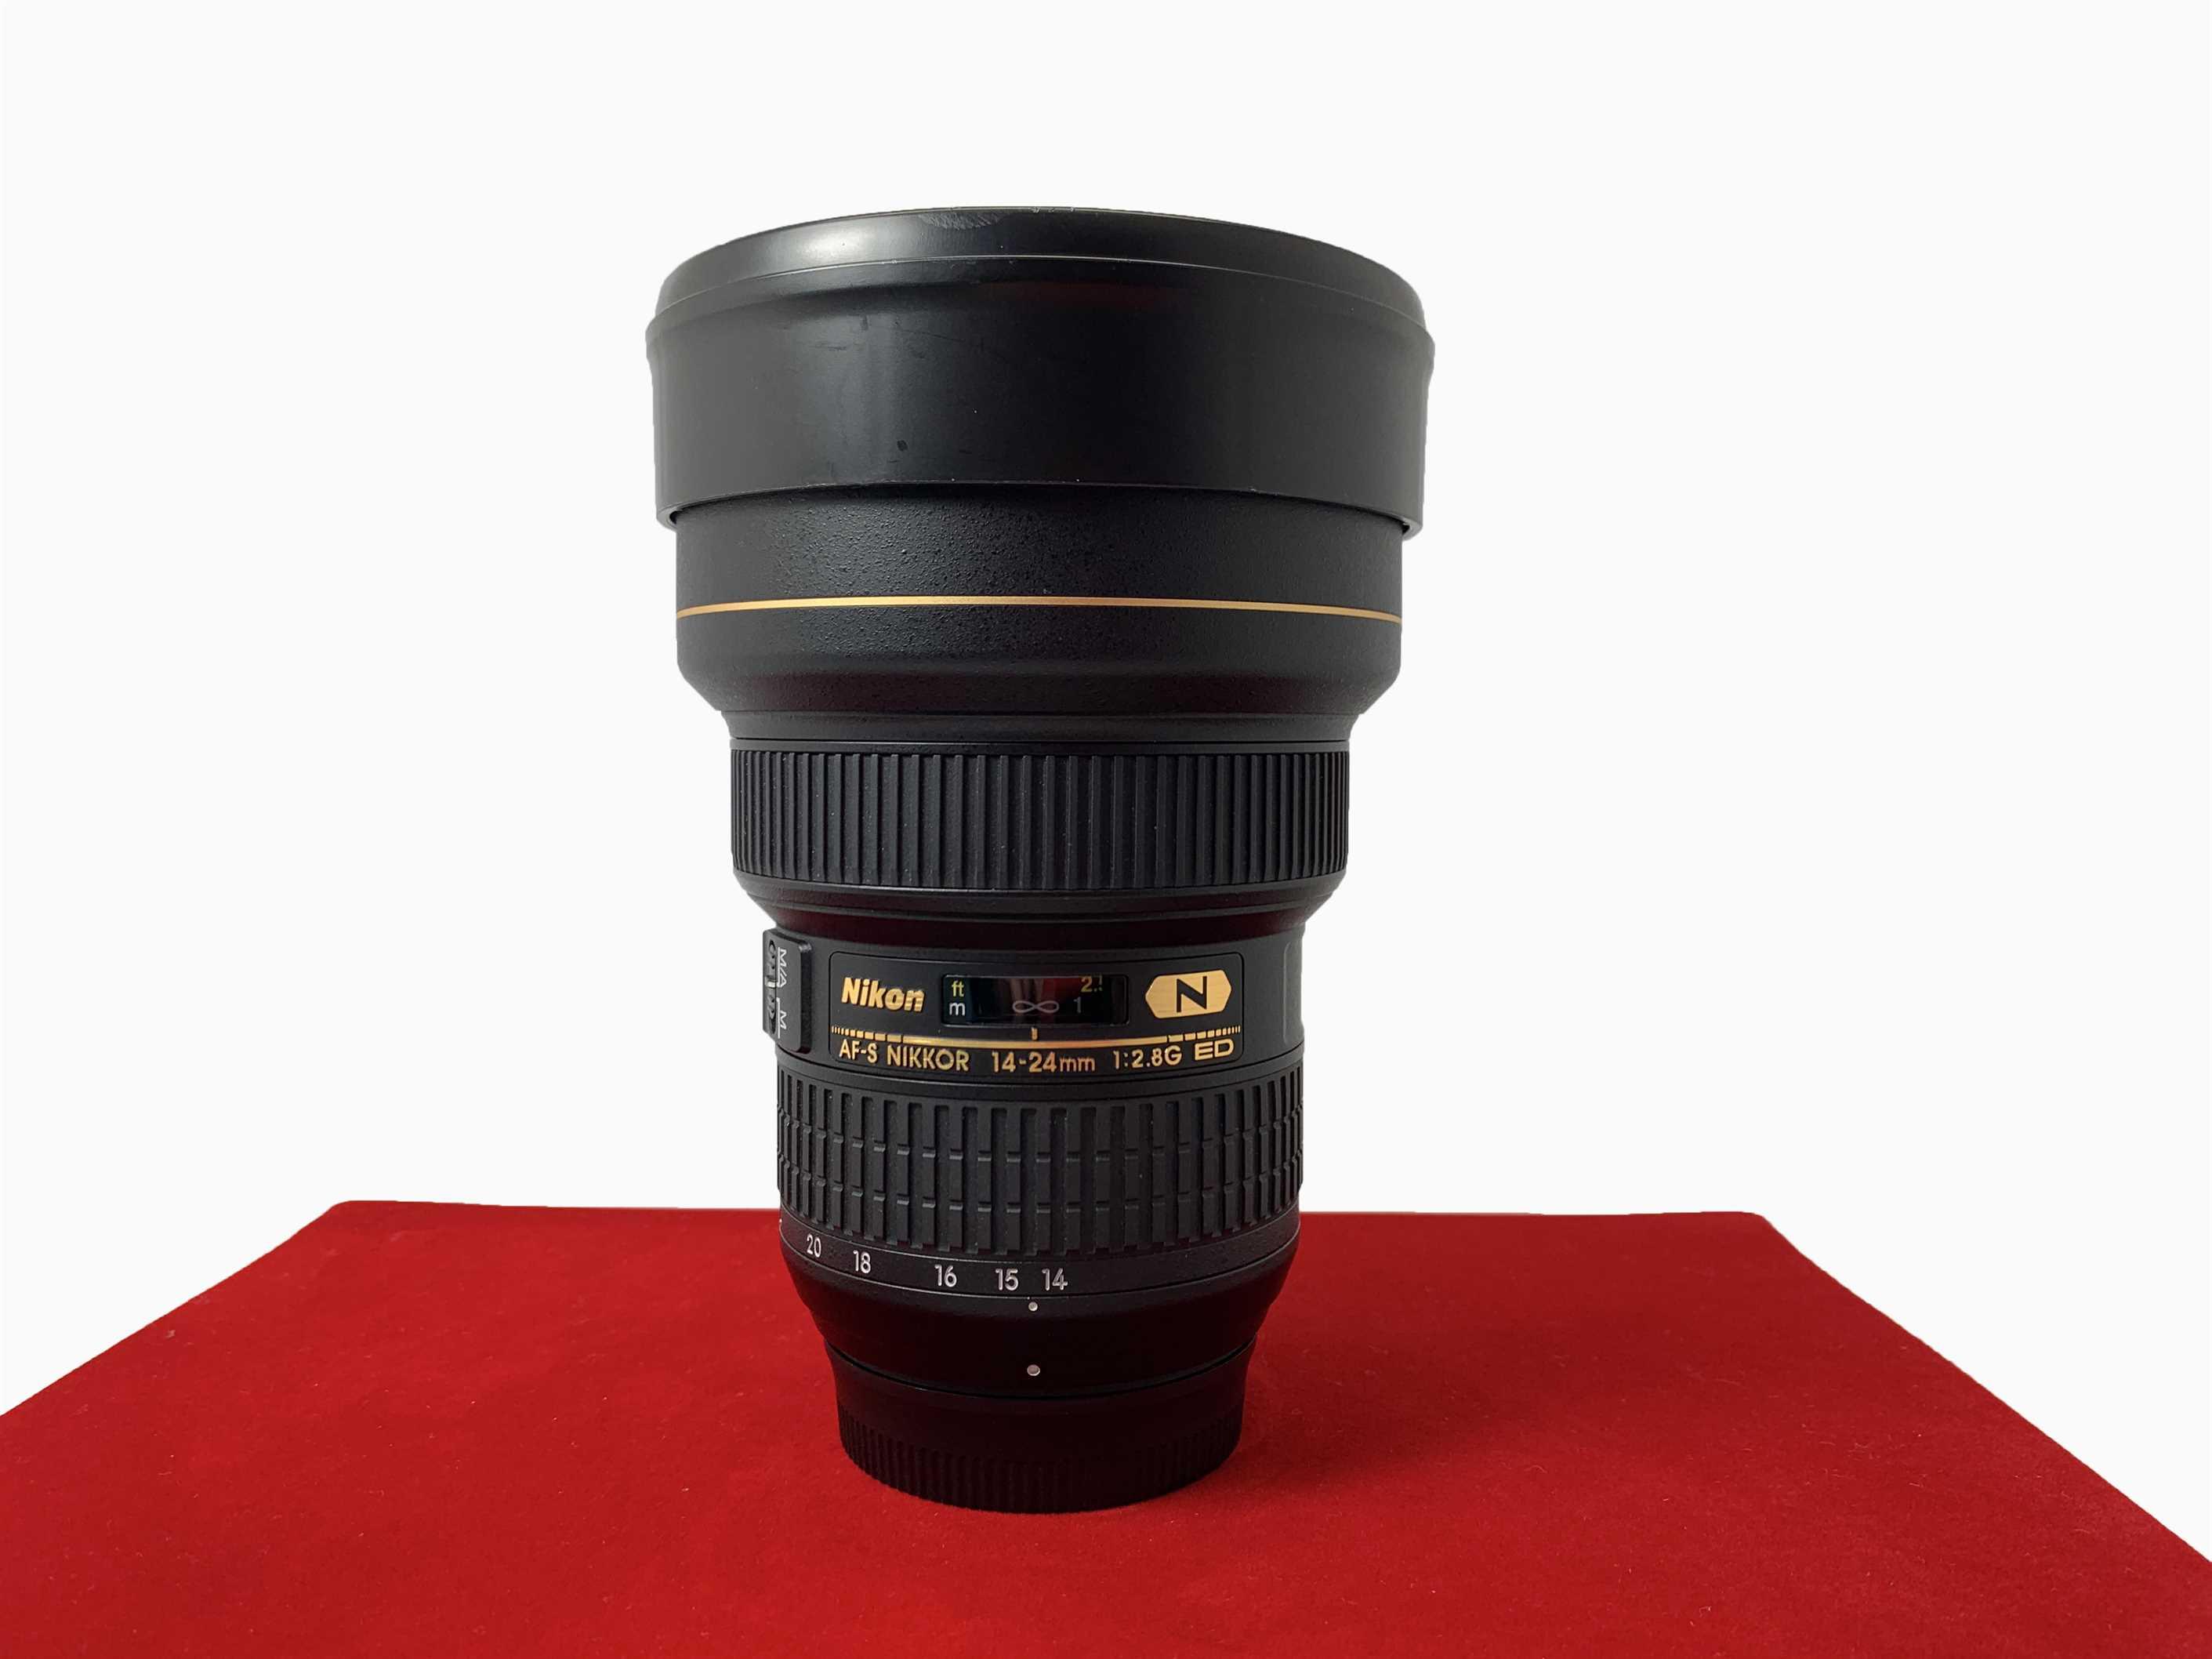 [USED-PJ33] Nikon 14-24mm F2.8G AFS  ED Nano  Lens, 95% Like New Condition (S/N:411646)